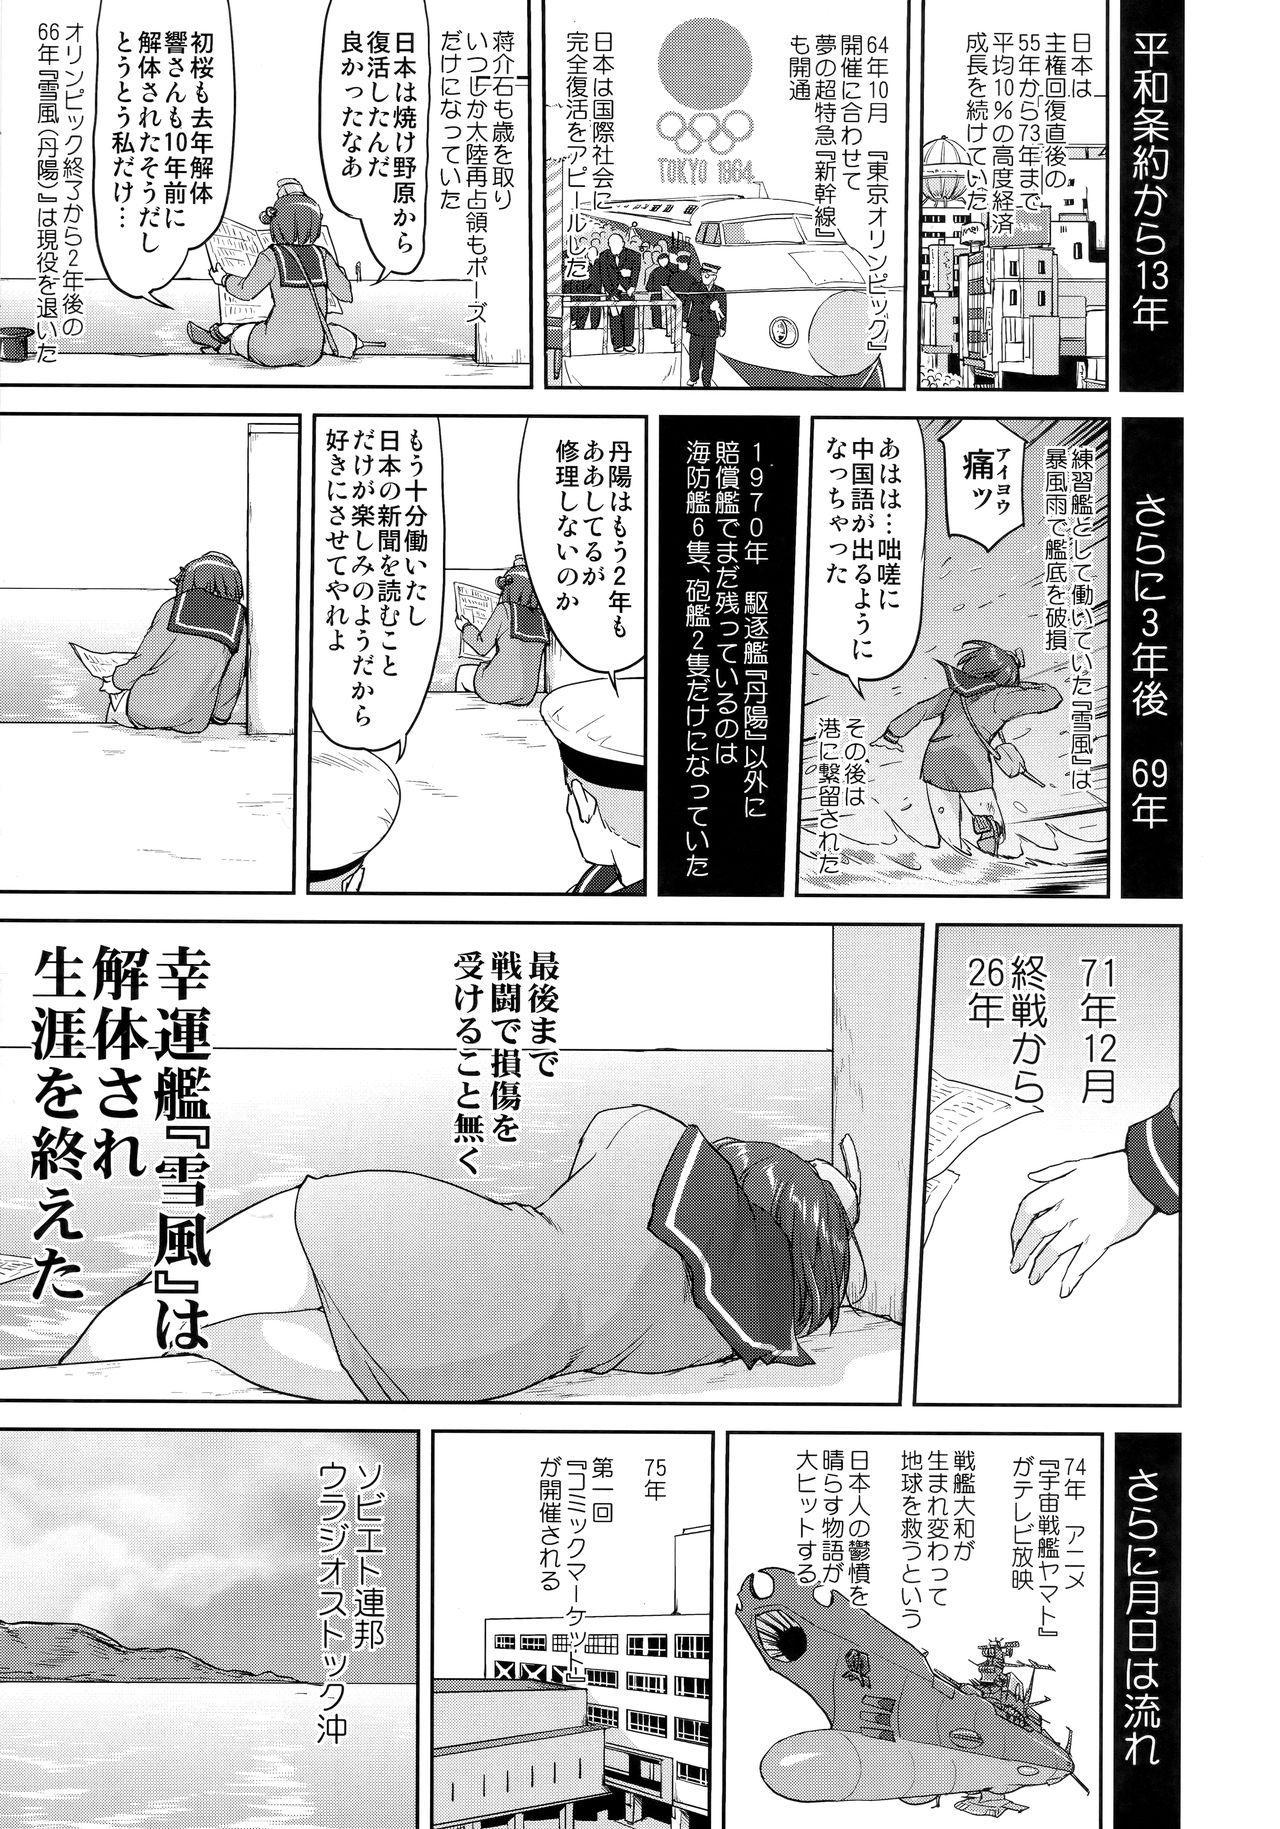 Teitoku no Ketsudan Kanmusu no Ichiban Nagai Hi 55